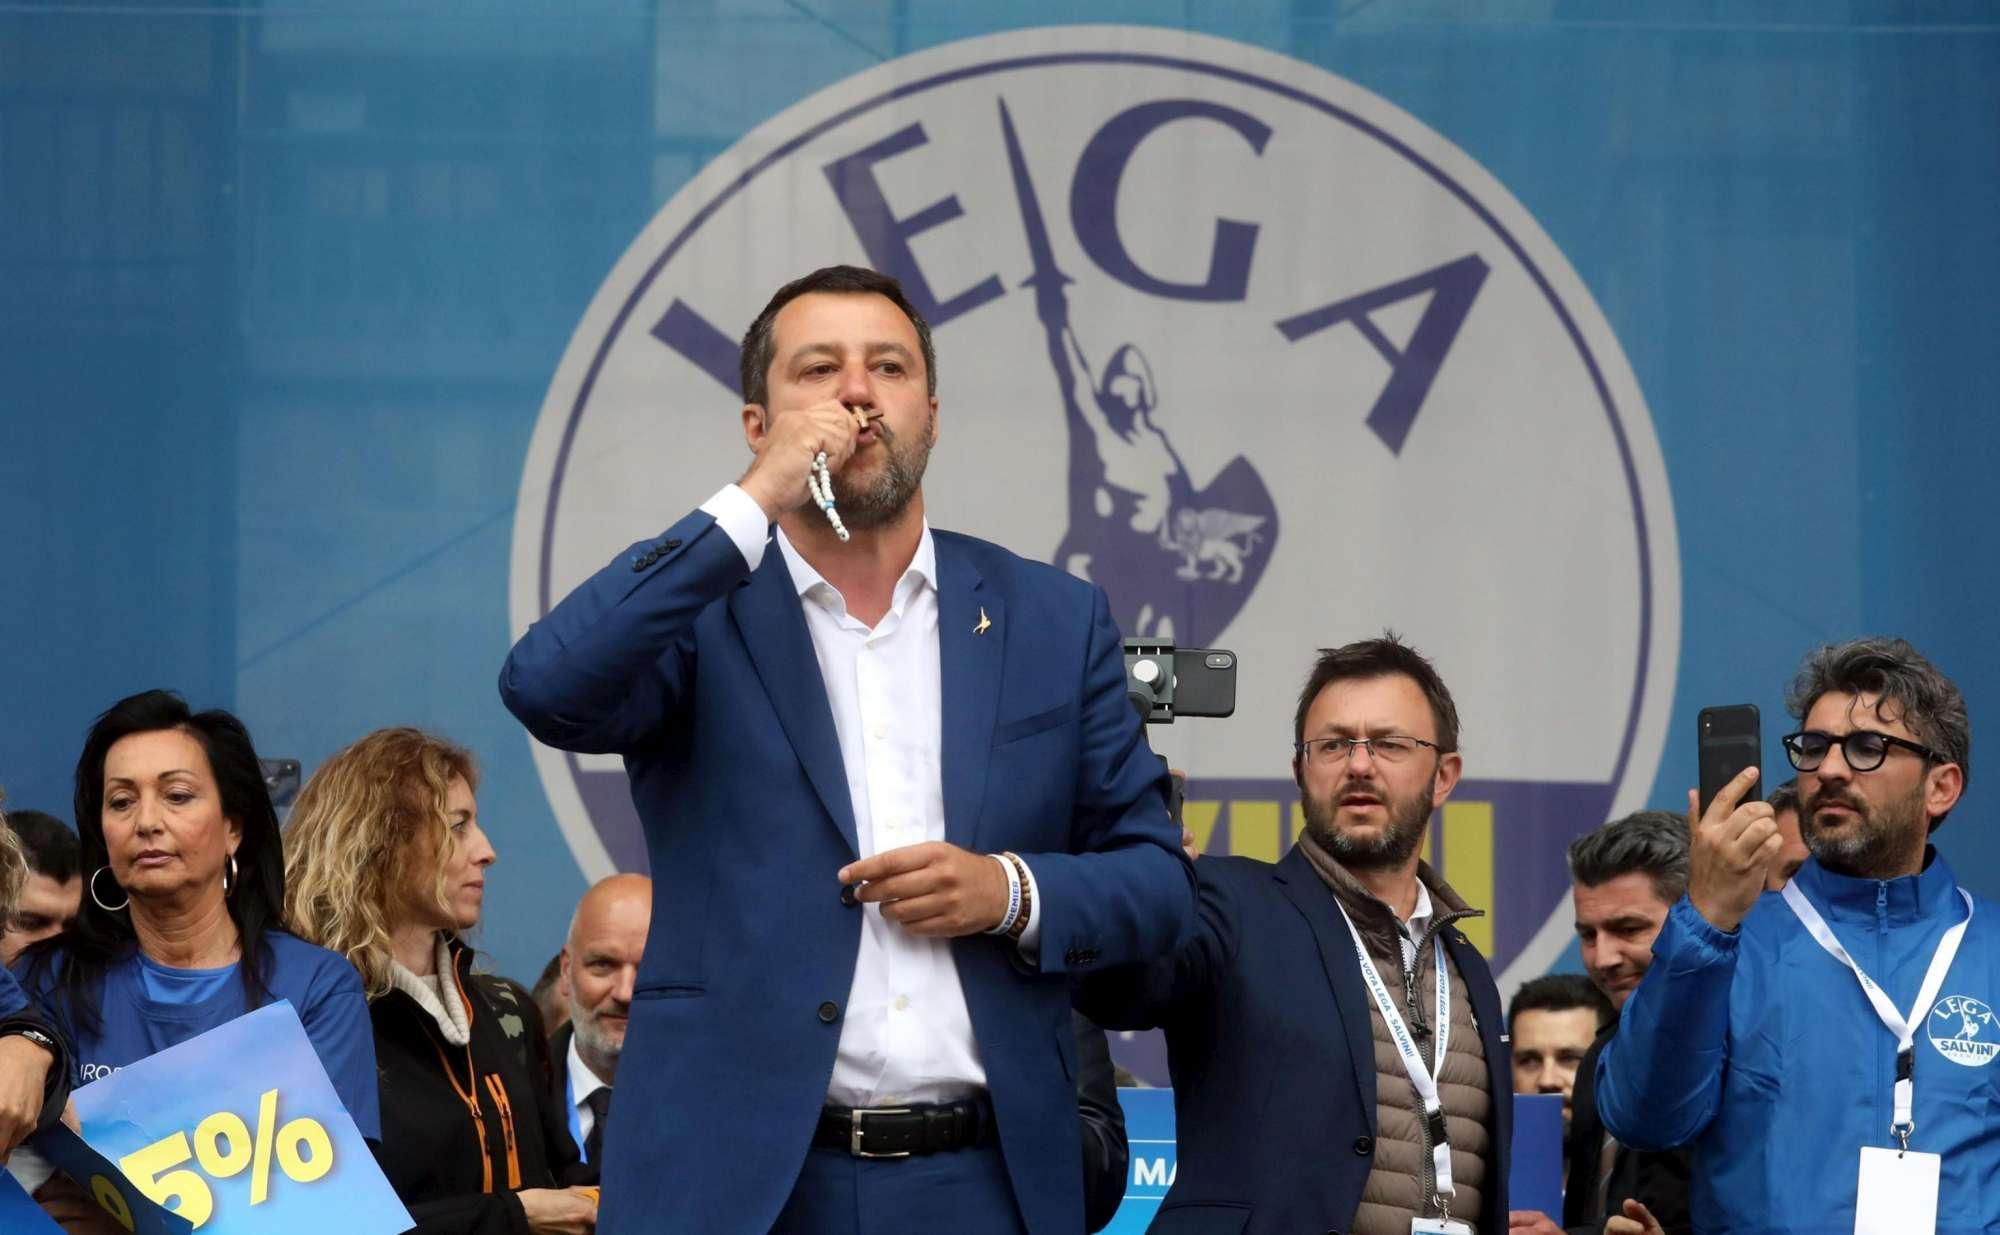 Come Matteo Salvini si serve del cristianesimo di frangia e dell'esoterismo in politica